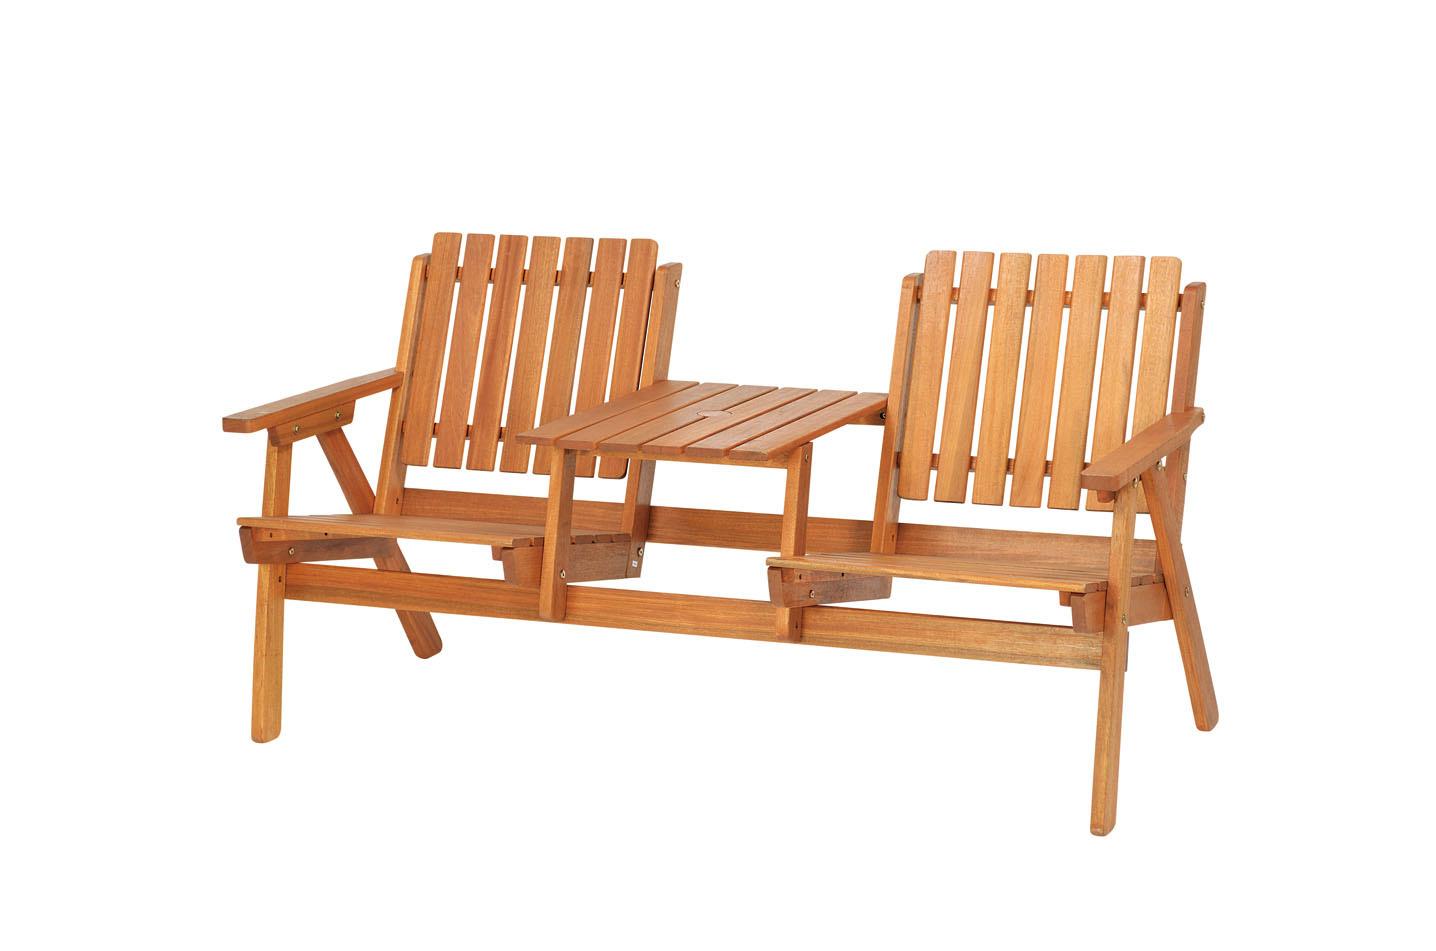 高級木材 イエローバラウ材使用ガーデンステディダブルチェア C-4メーカー直送の為代引き不可です【頑張って送料無料!】